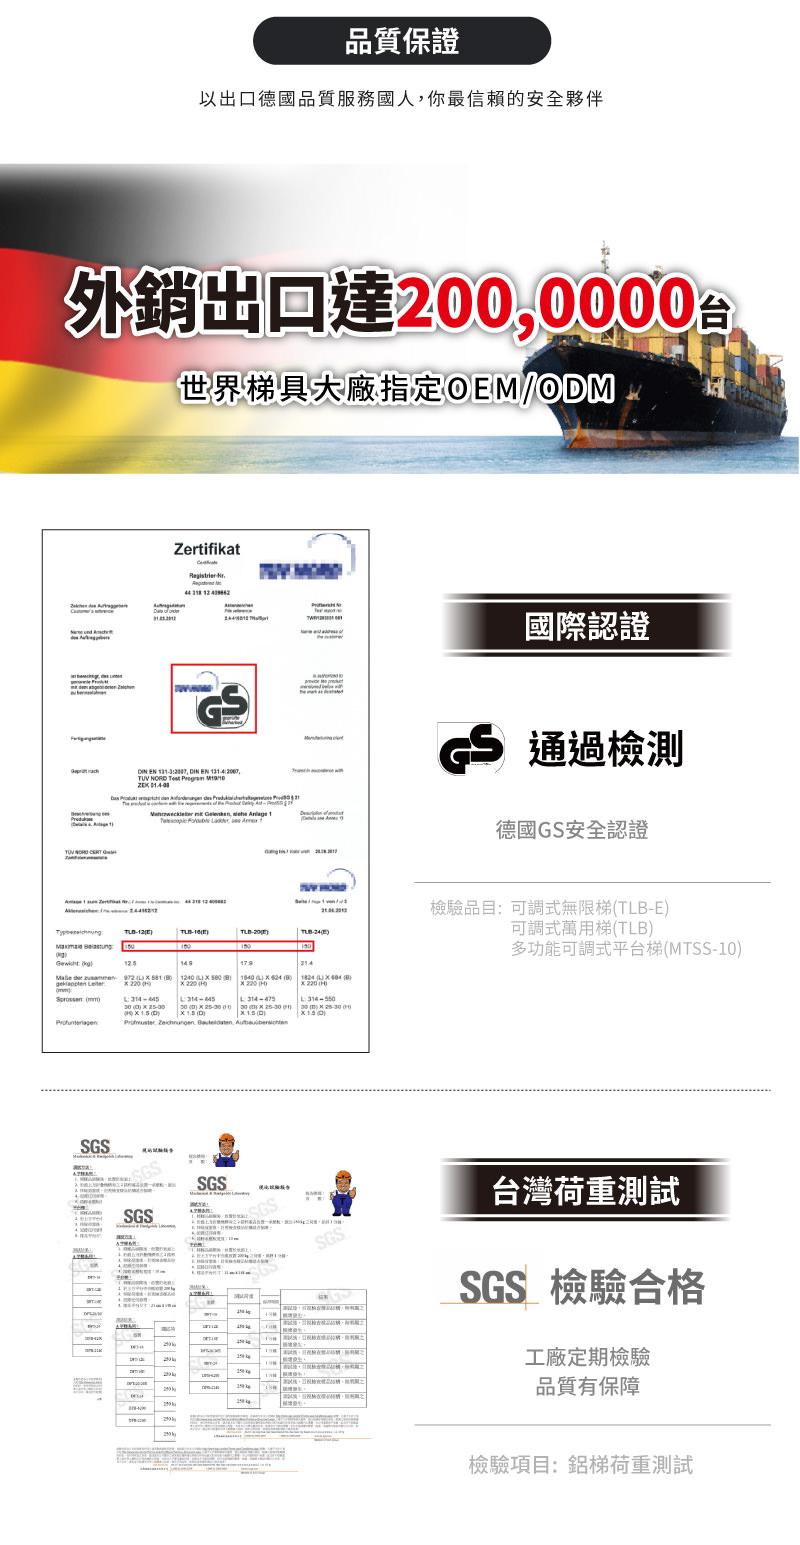 品質保證,外銷出口達2000000台,產品經德國GS認證,台灣荷重測試報告,SGS檢驗合格。